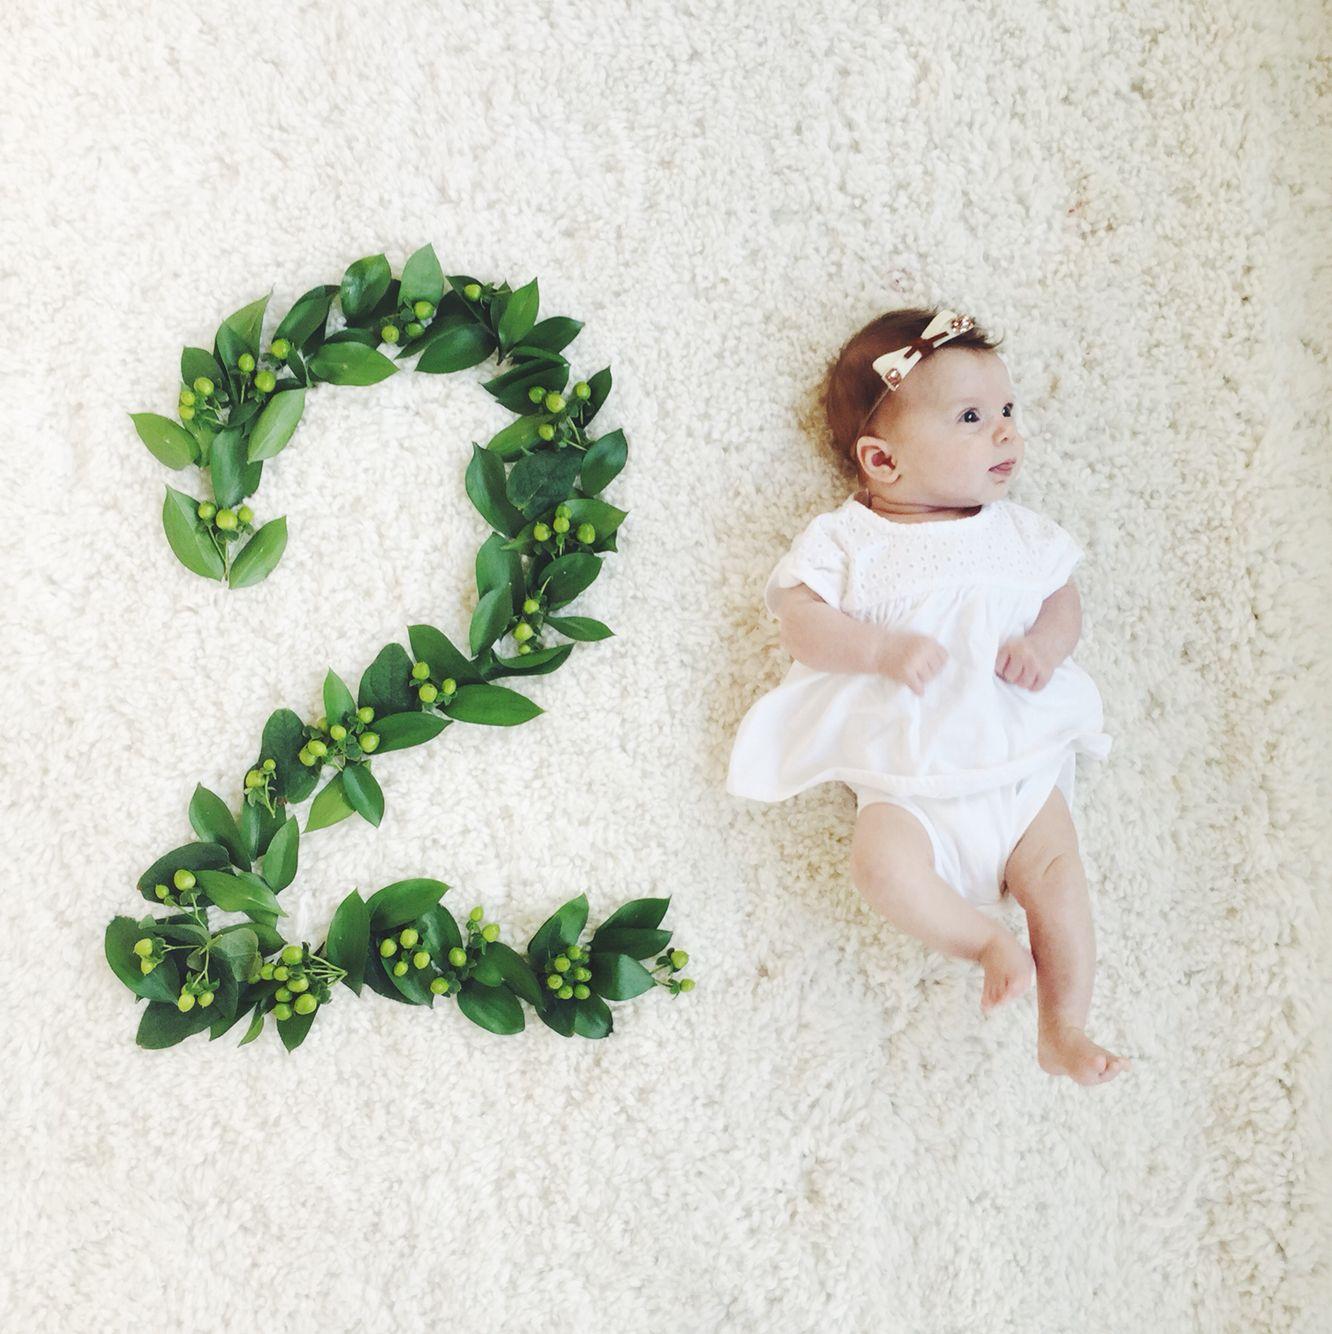 jeden monat ein erster monat f r das baby geburt babies pinterest das baby monat und babys. Black Bedroom Furniture Sets. Home Design Ideas